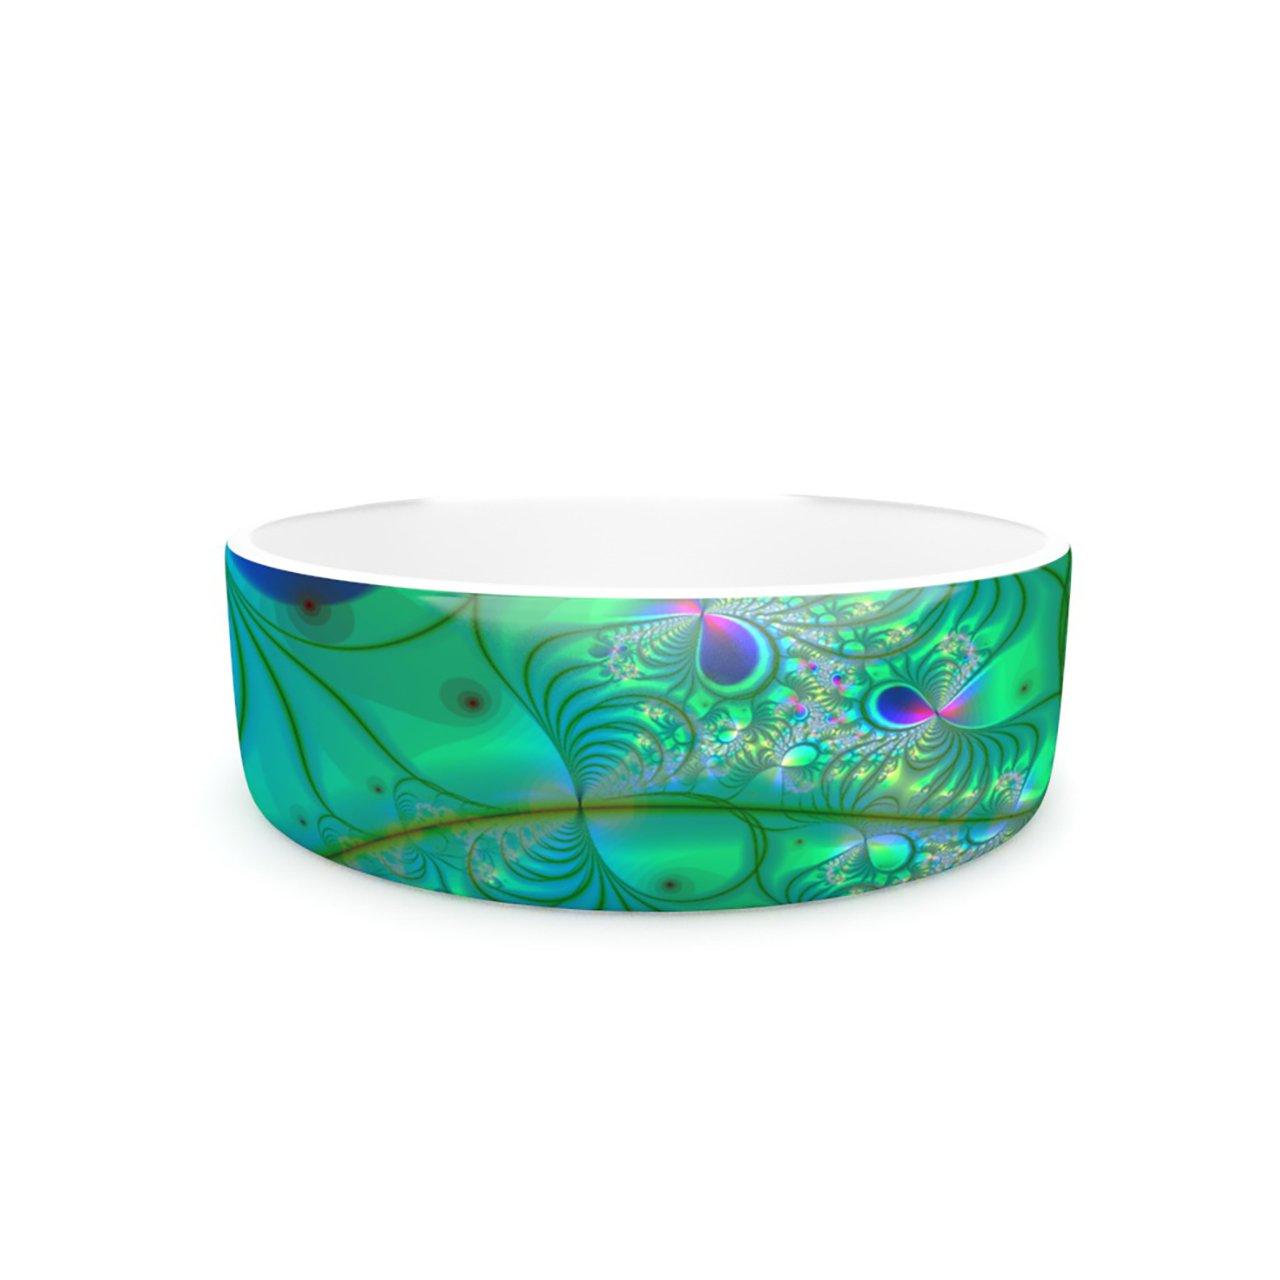 Kess InHouse Alison Coxon Fractal Turquoise  Pet Bowl, 7-Inch